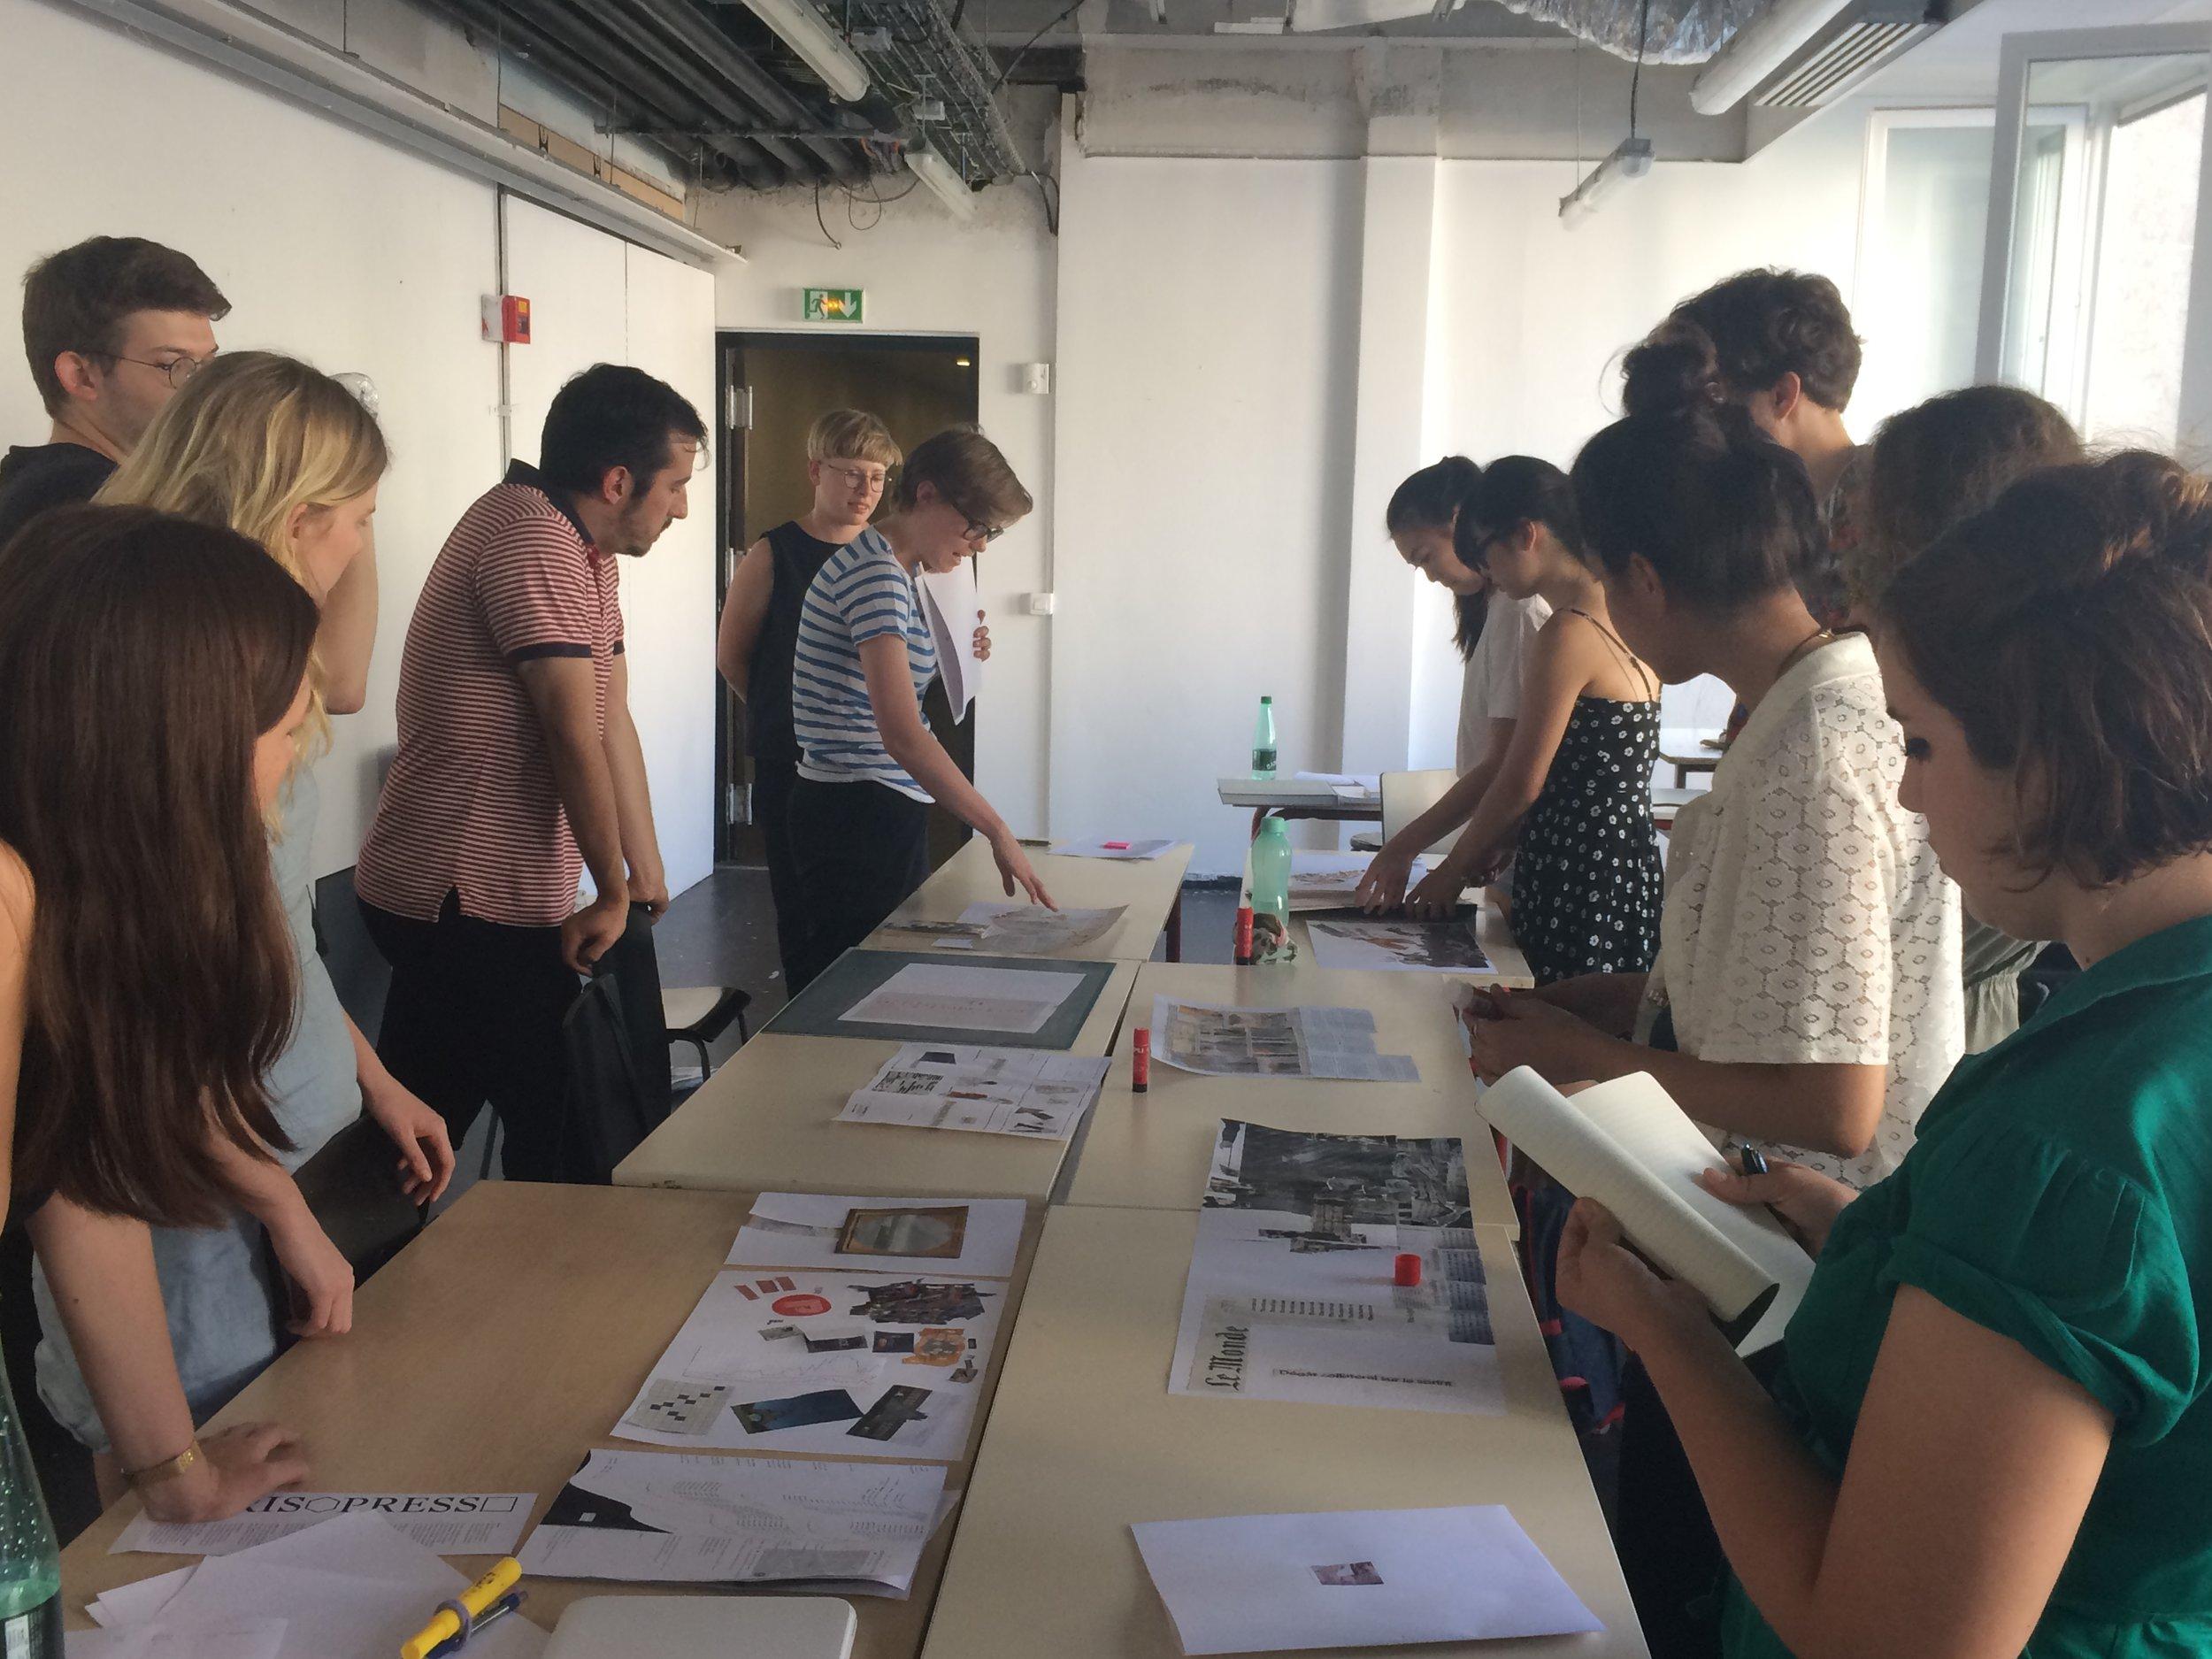 Graphic Design workshop with Rosa Nussbaum